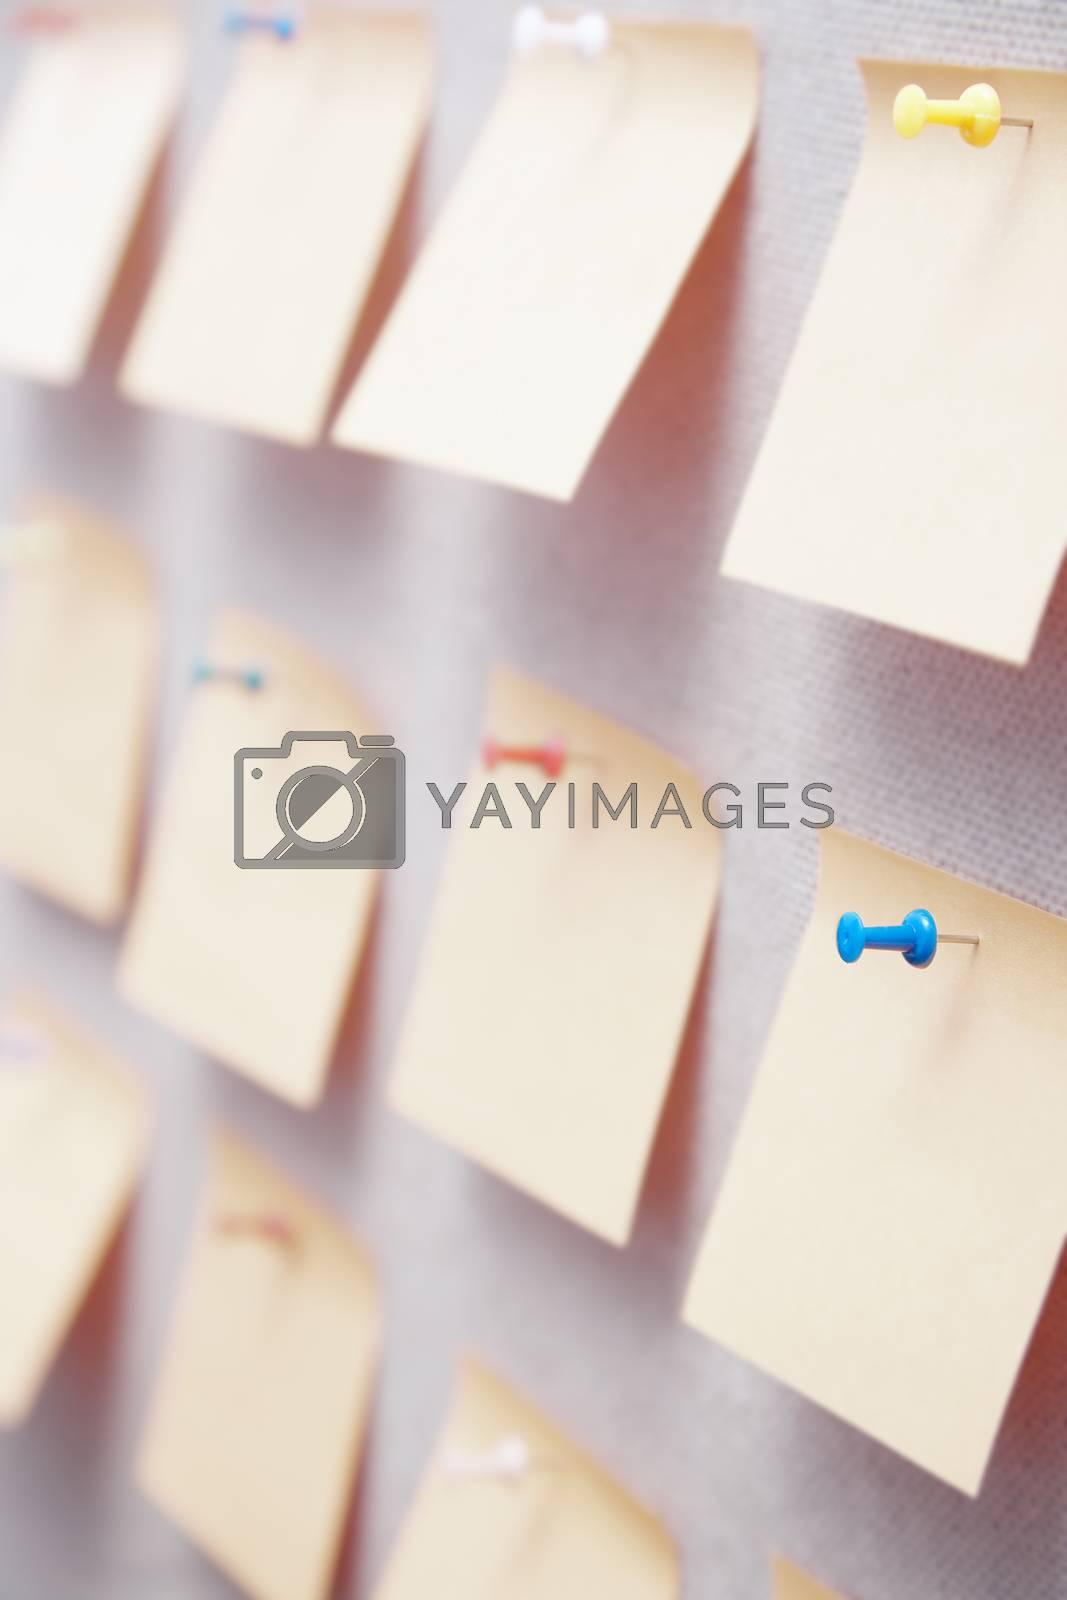 Sticky notes on a bulletin board by Novic